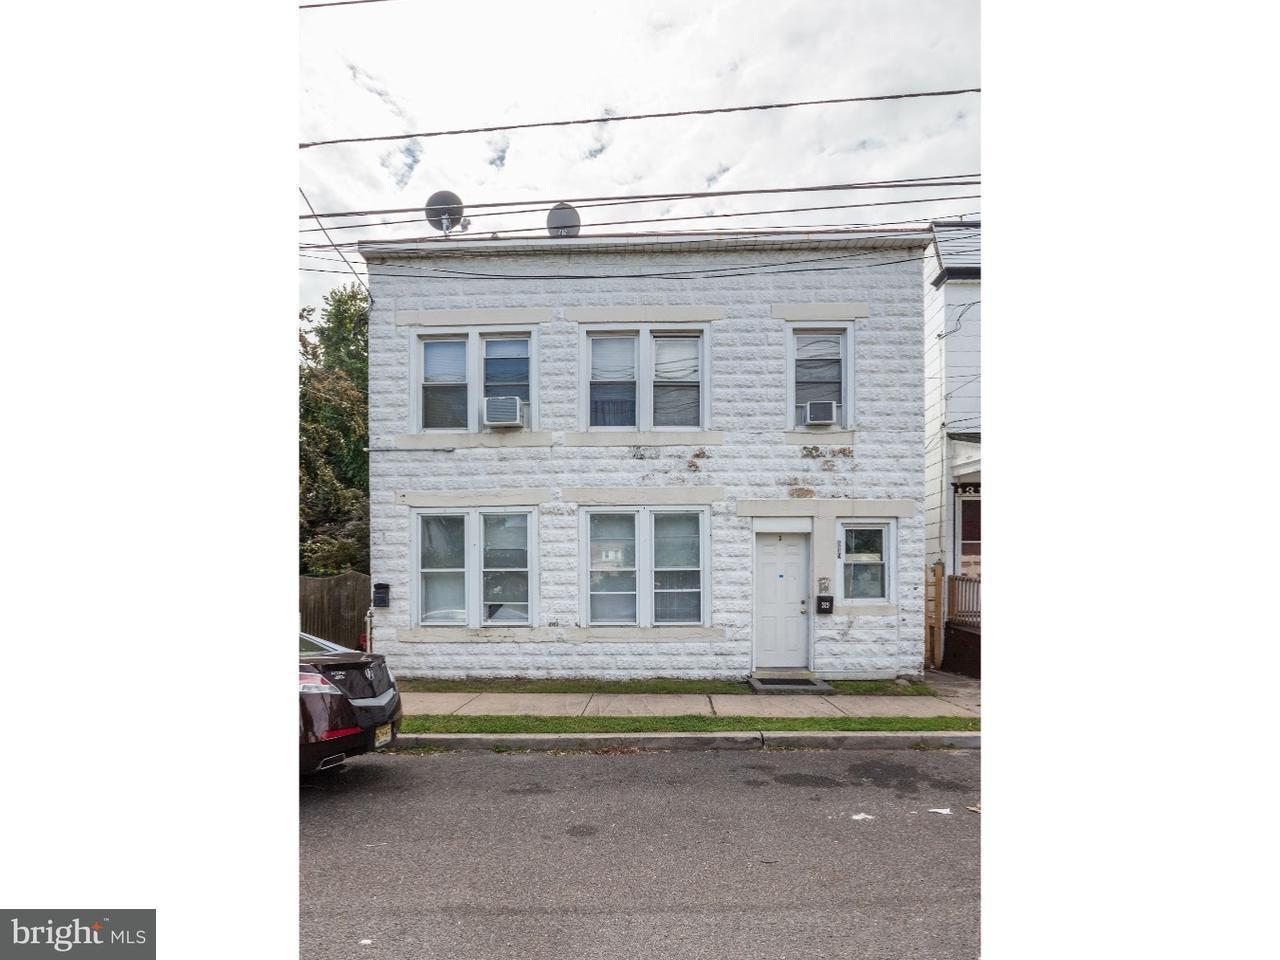 Triplice per Vendita alle ore 319 HOBART Avenue Hamilton, New Jersey 08629 Stati UnitiIn/In giro: Hamilton Township